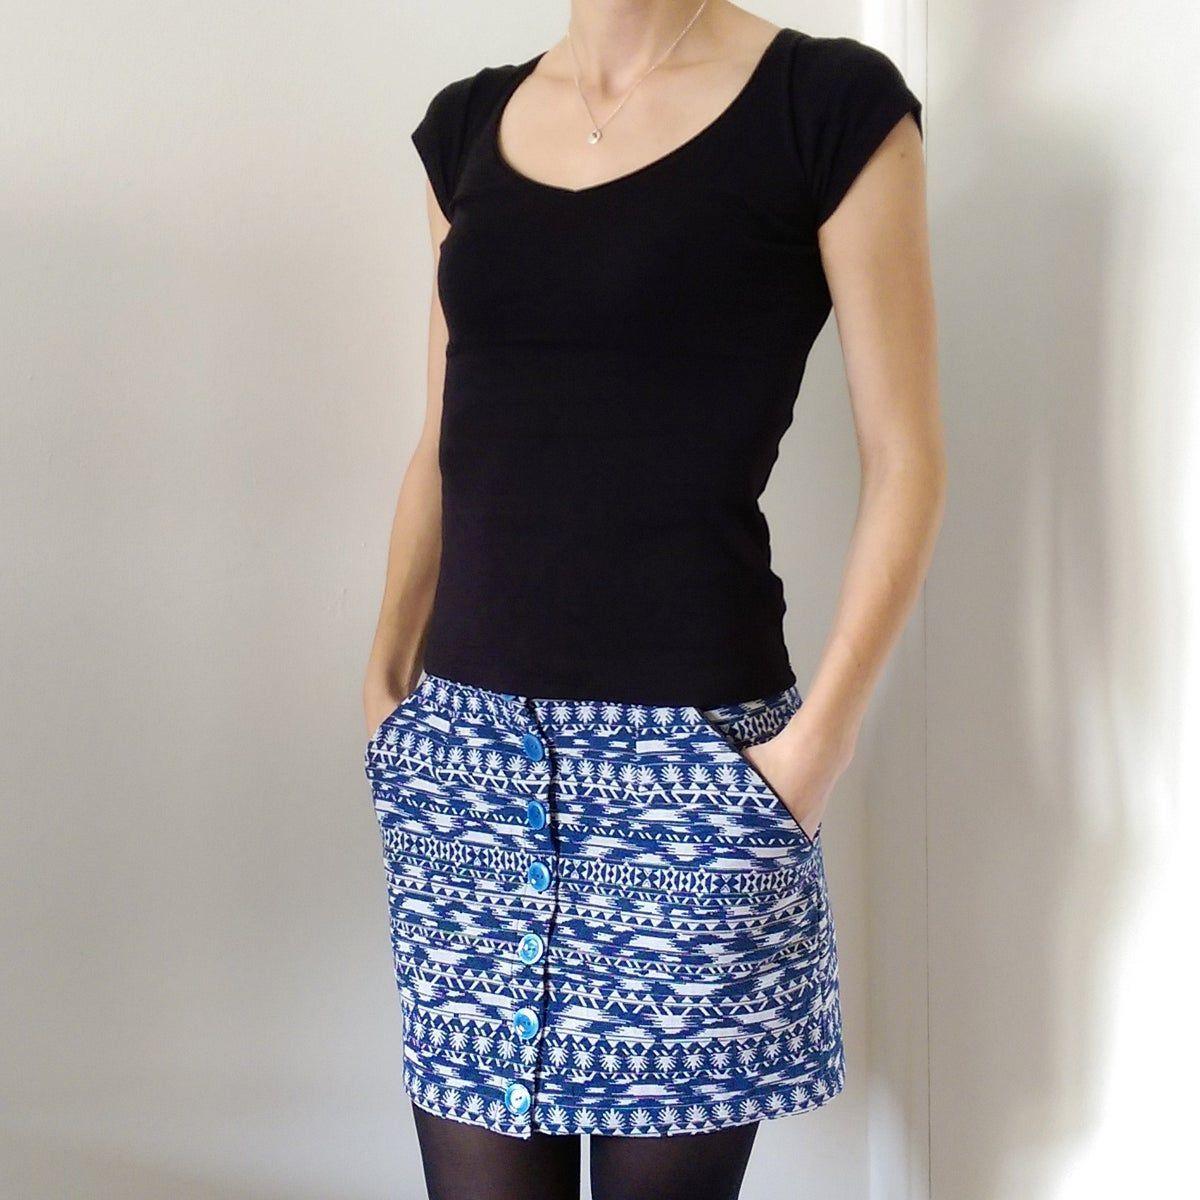 Patron fichier PDF à imprimer au forma  skirt courte cuir en jean longue fashion indian outfits outfits summer style